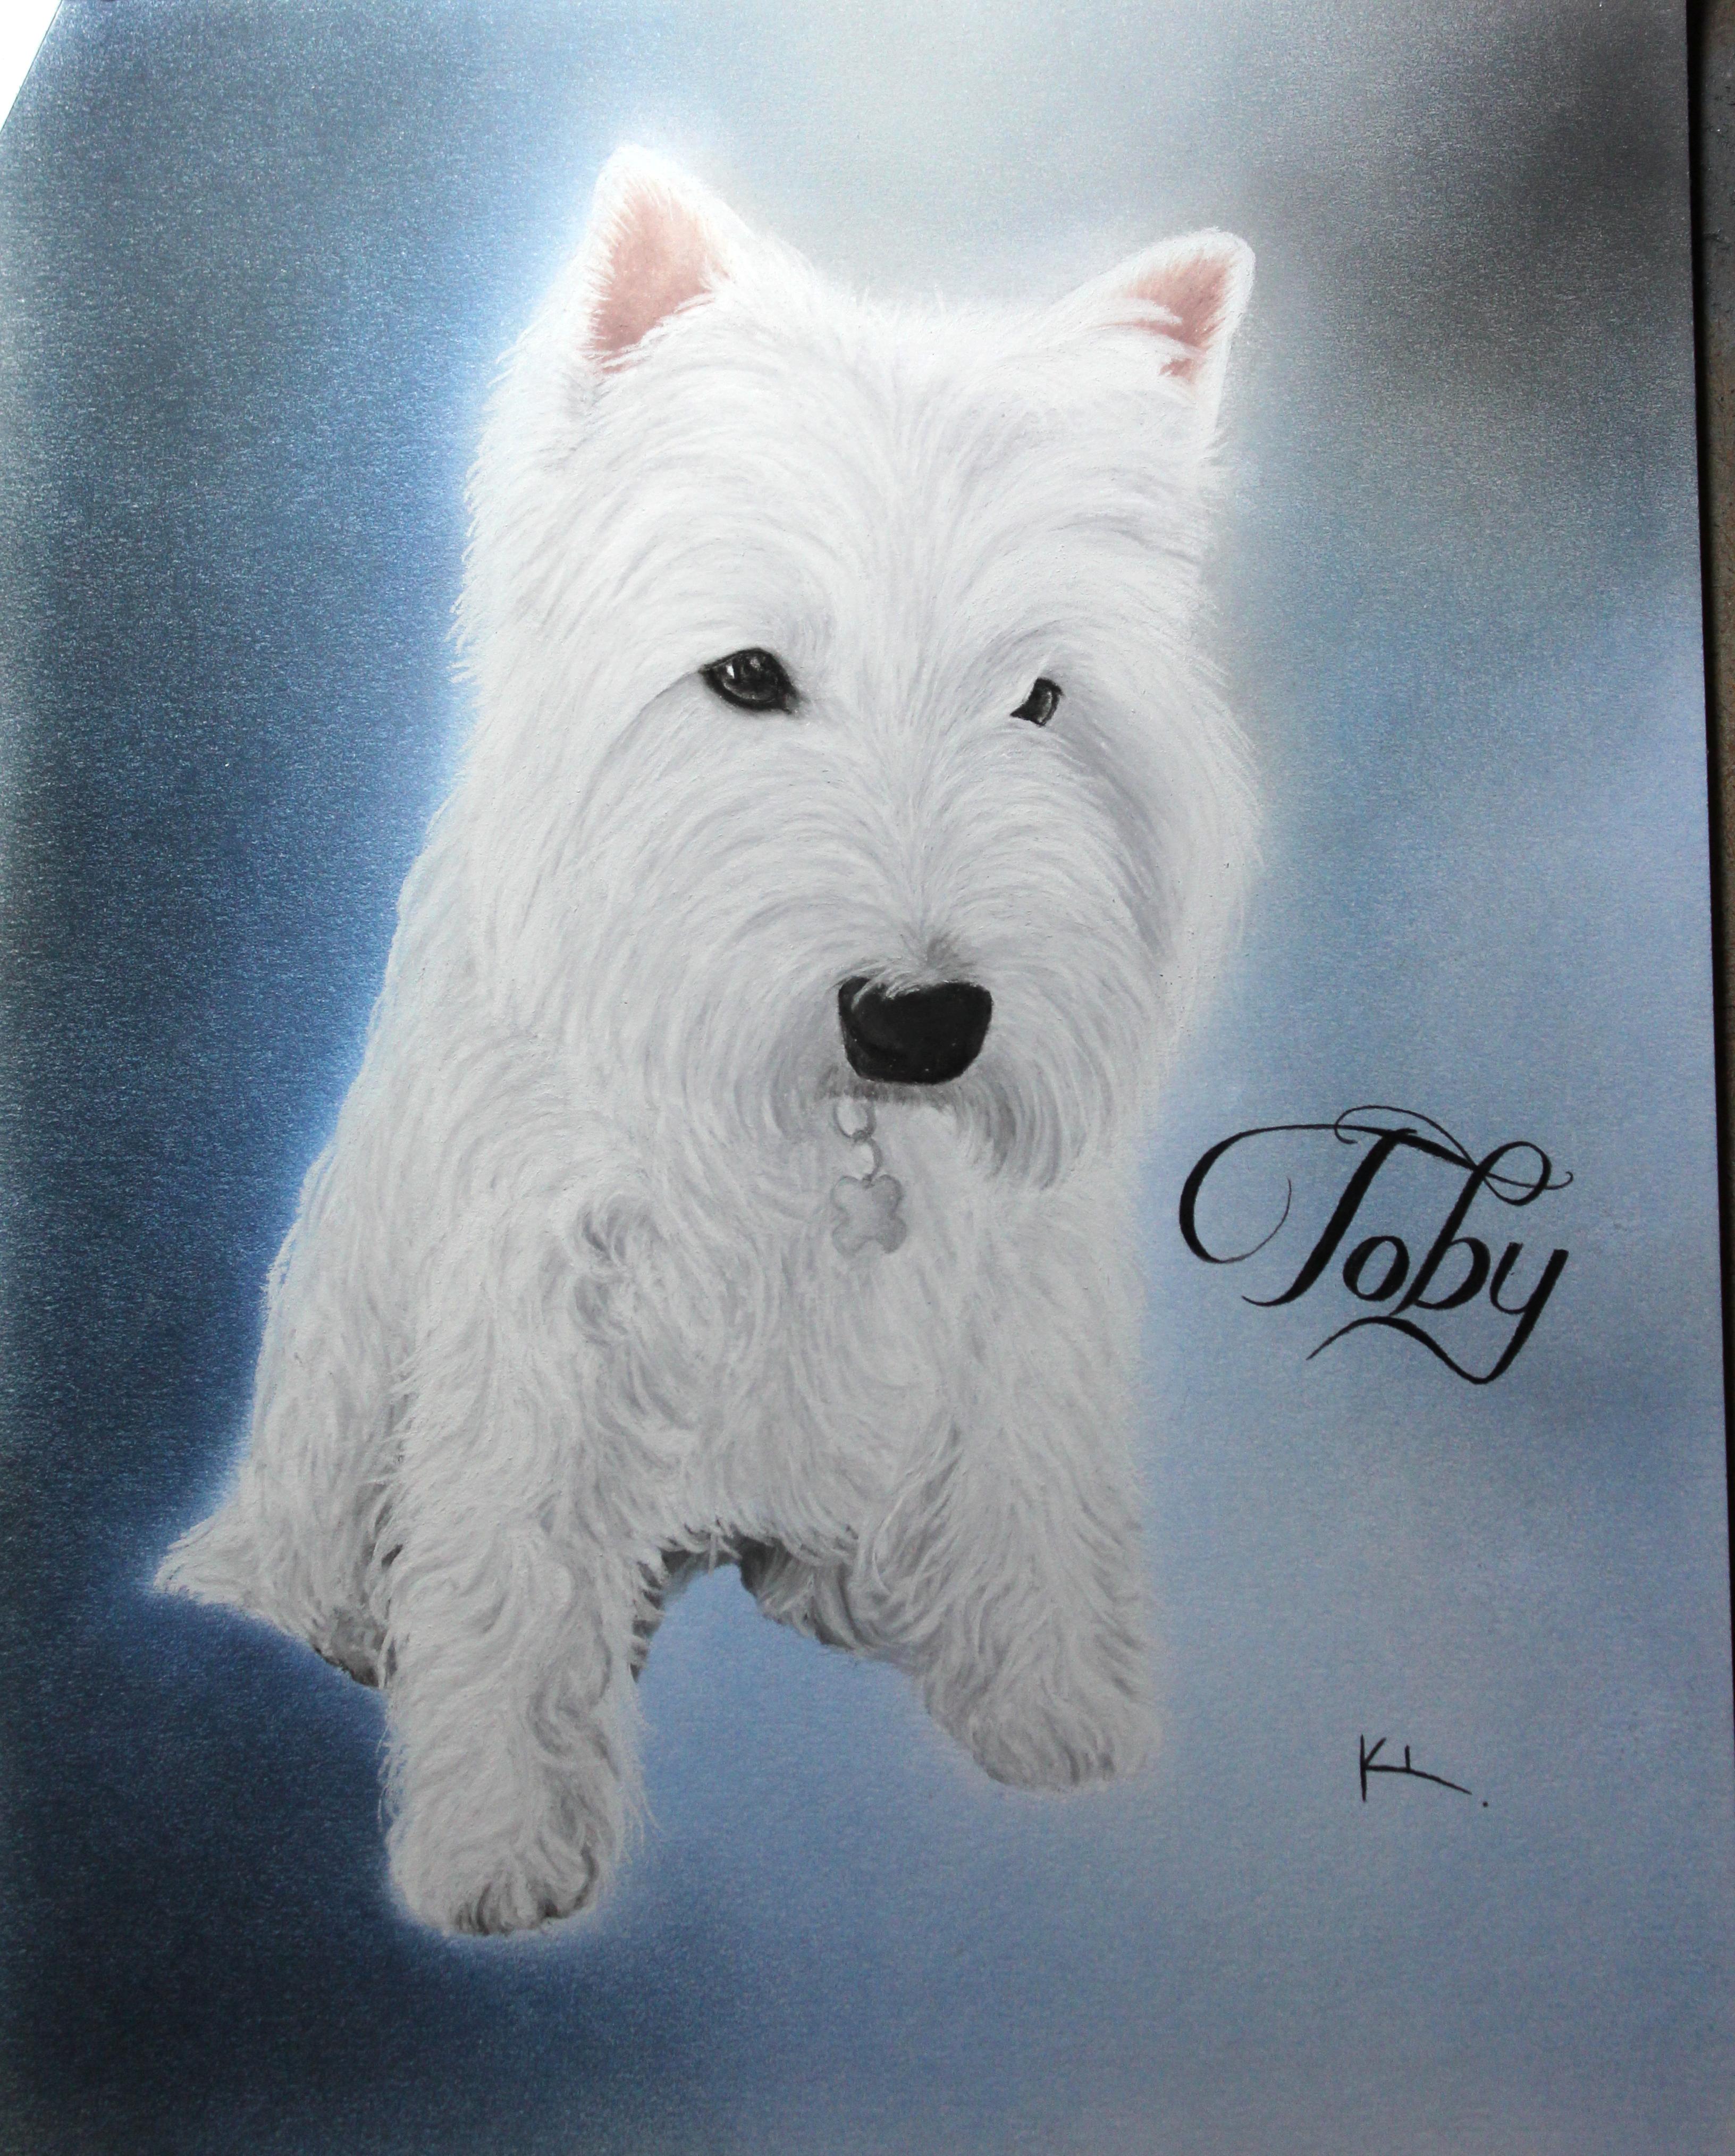 'Toby'